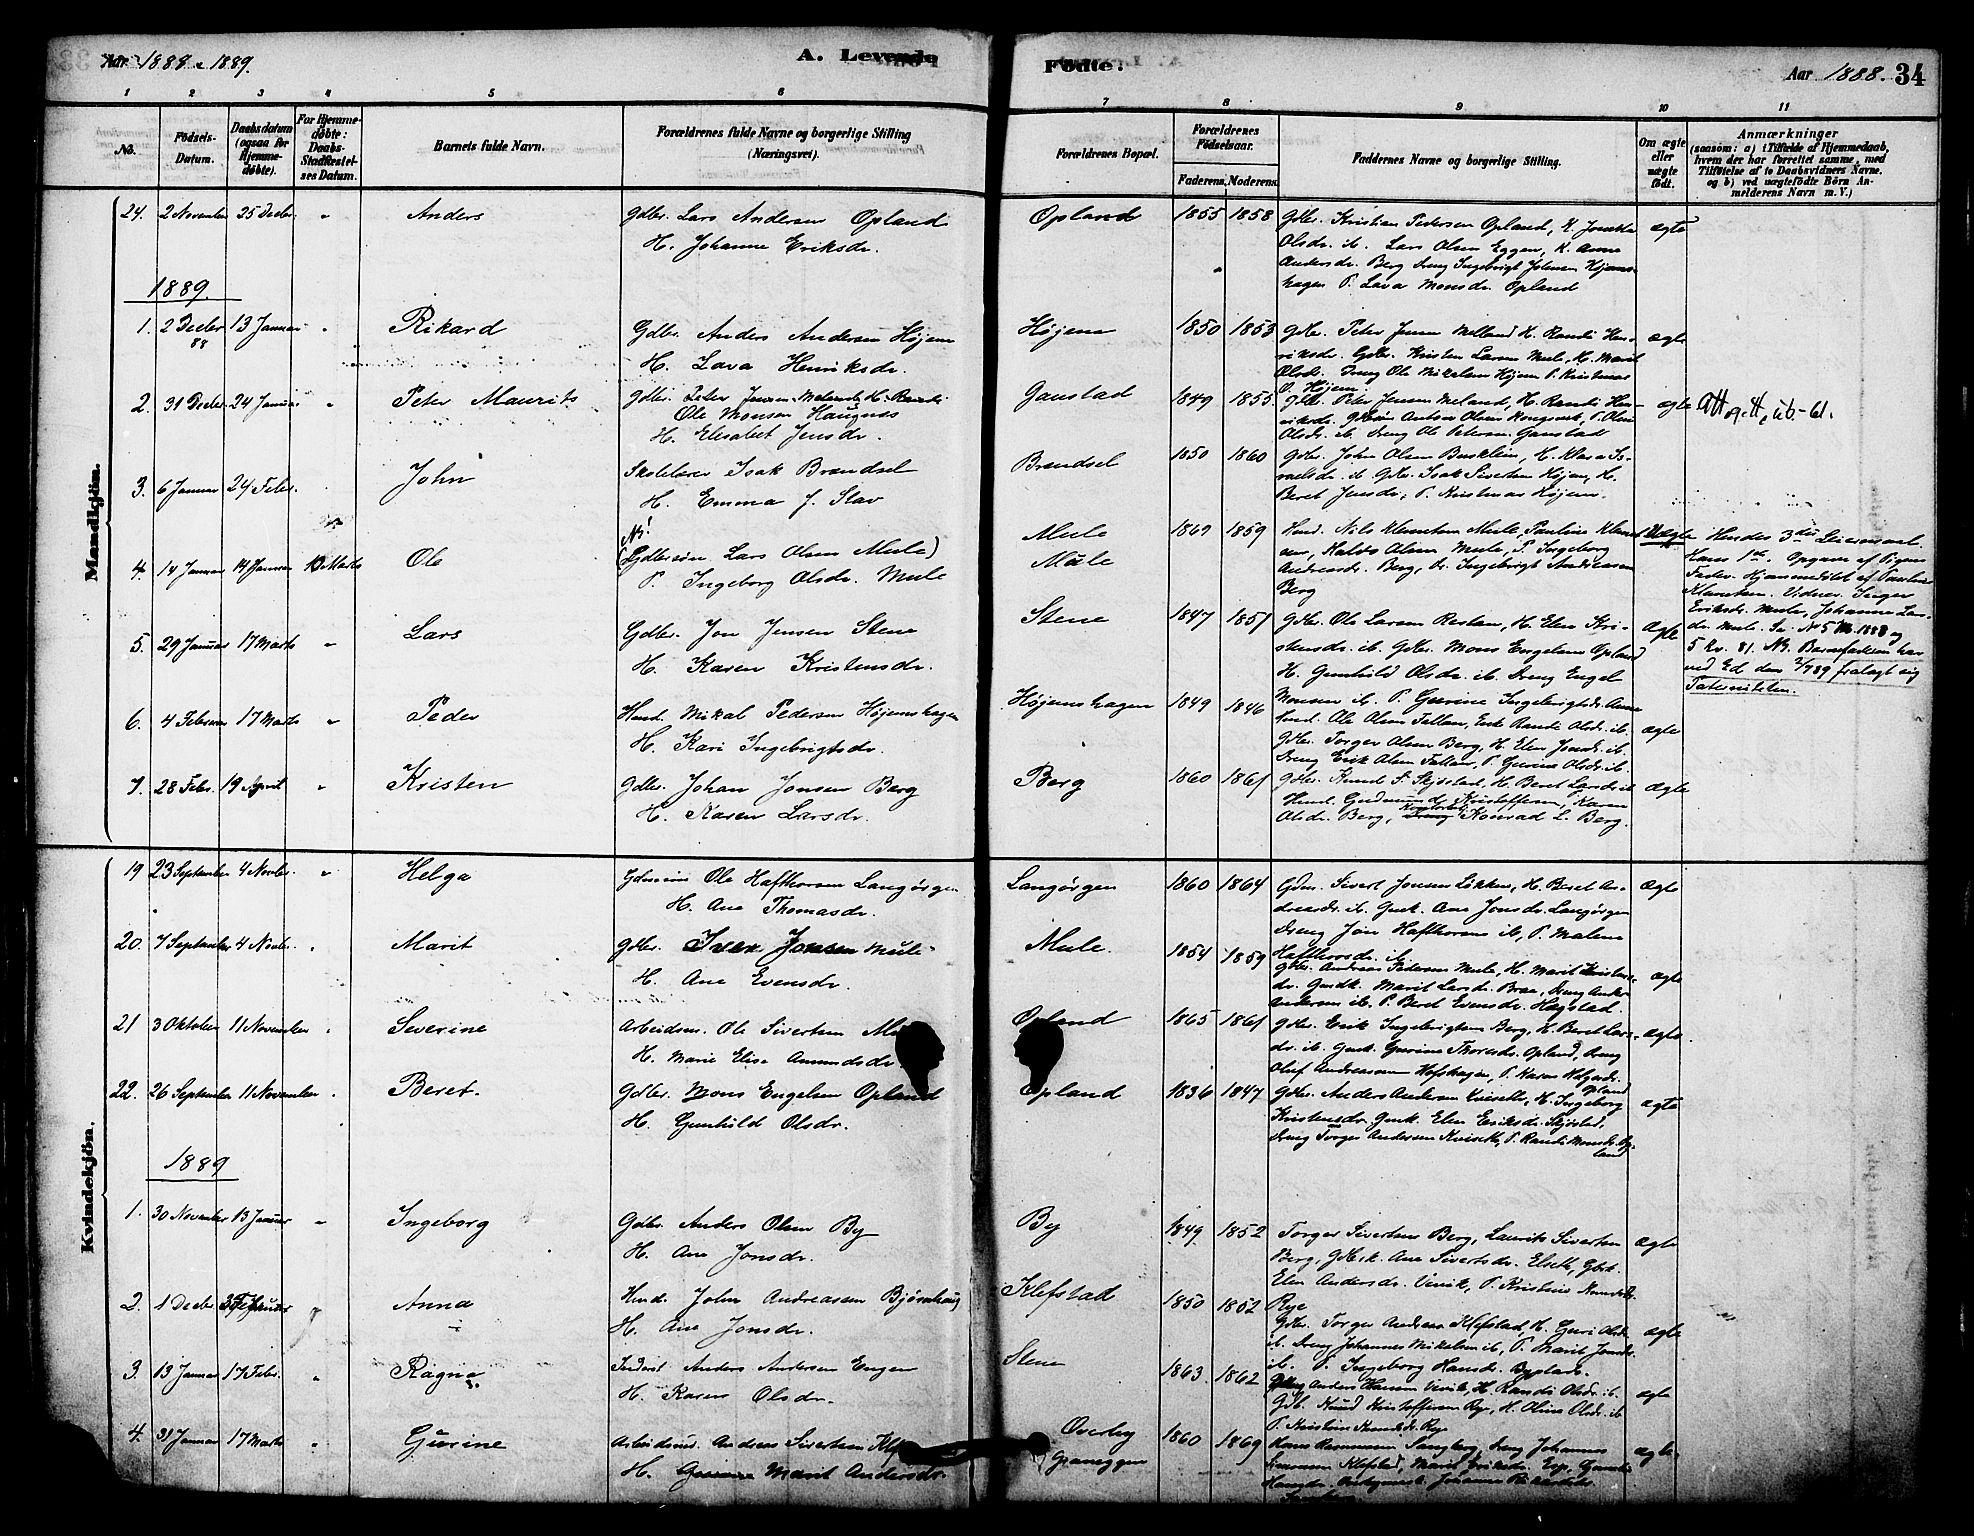 SAT, Ministerialprotokoller, klokkerbøker og fødselsregistre - Sør-Trøndelag, 612/L0378: Ministerialbok nr. 612A10, 1878-1897, s. 34